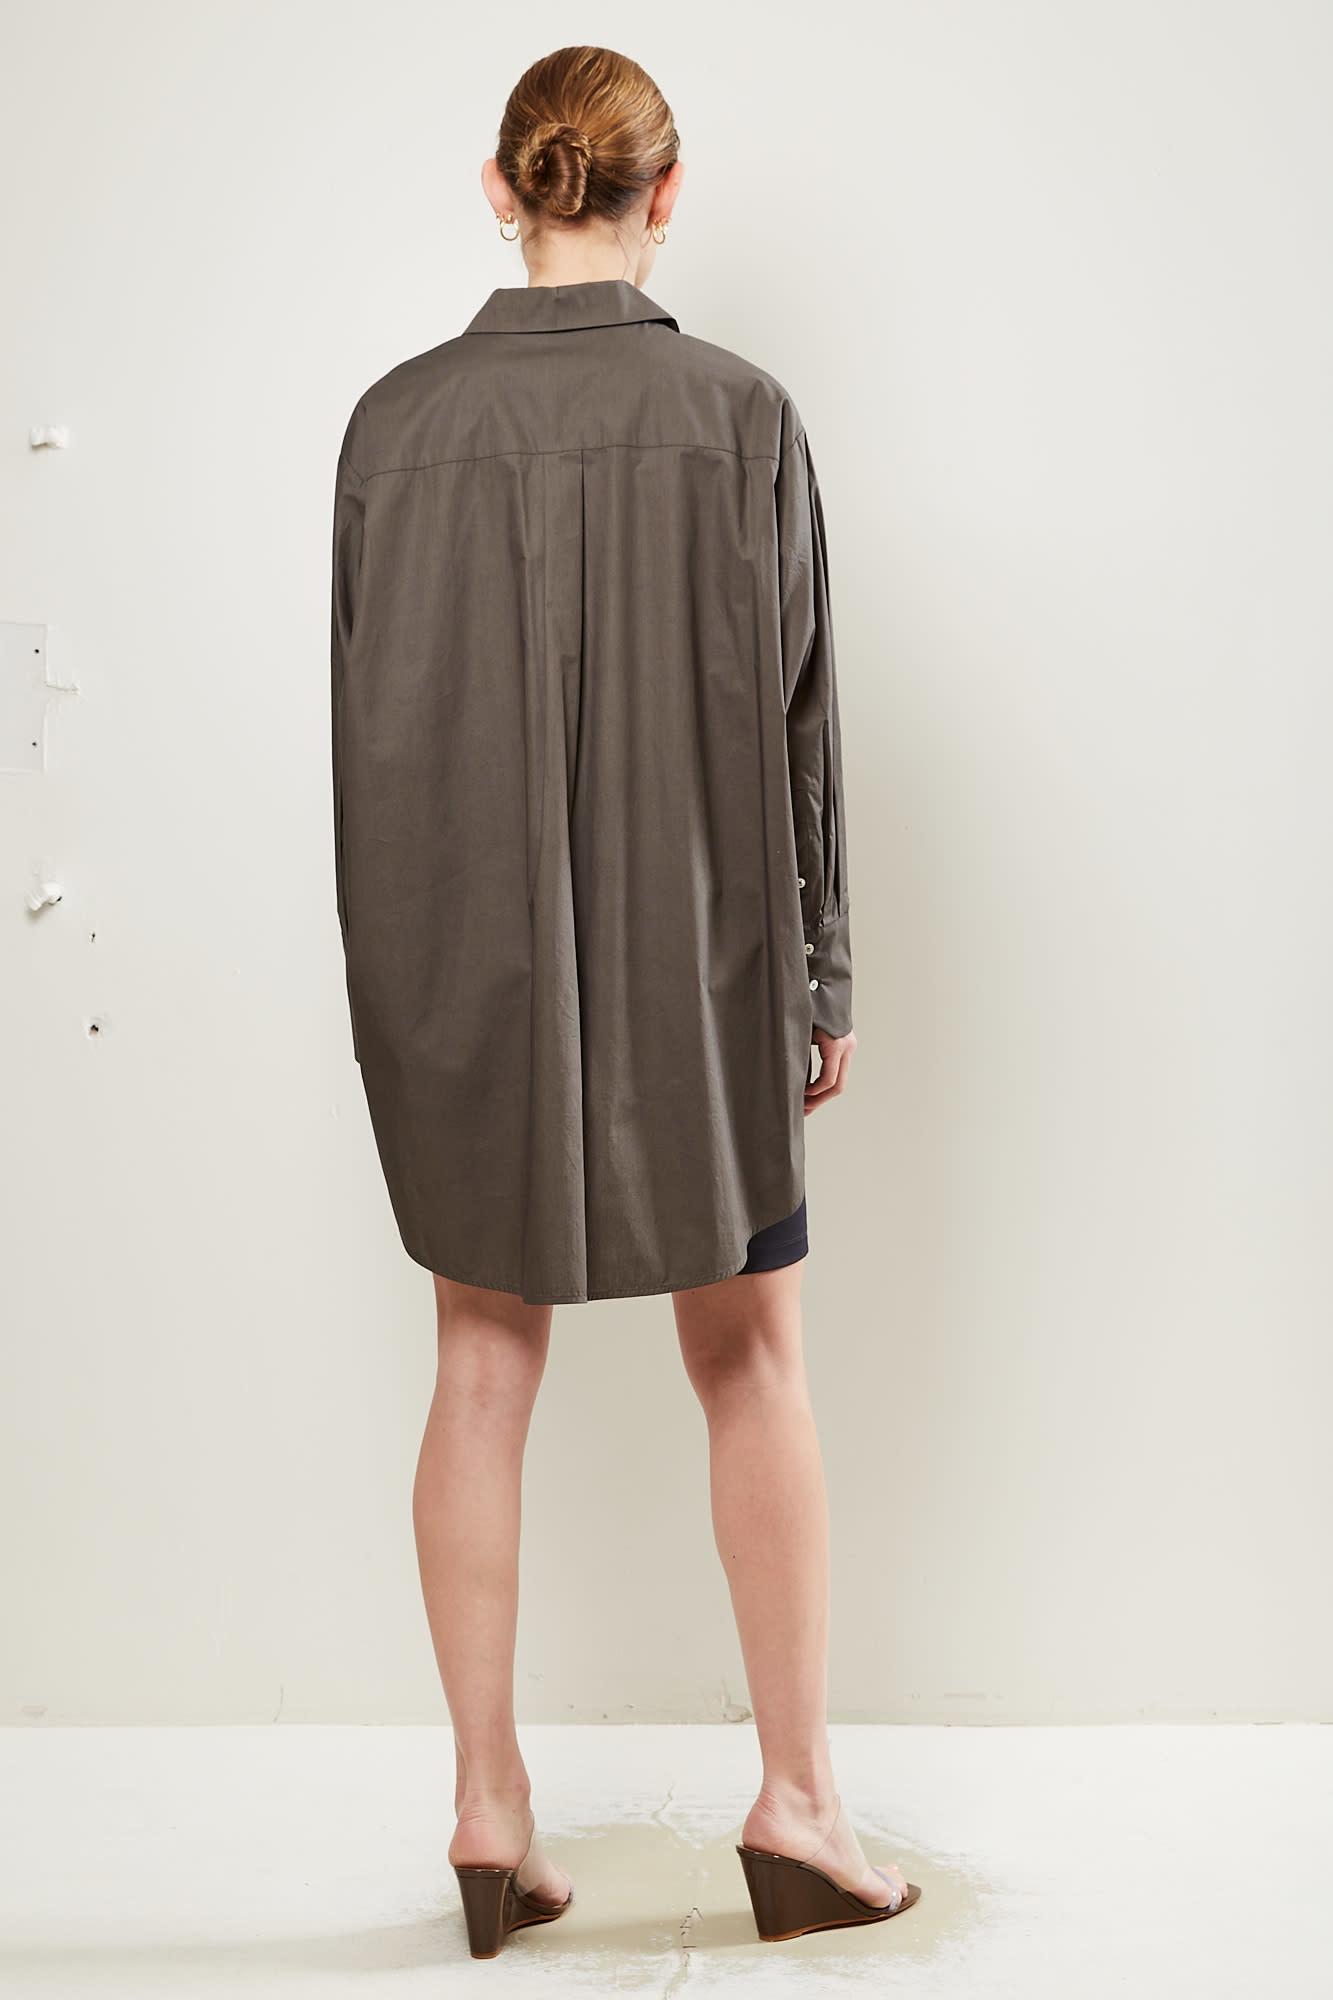 Frenken - Frenk 100% cotton poplin shirt